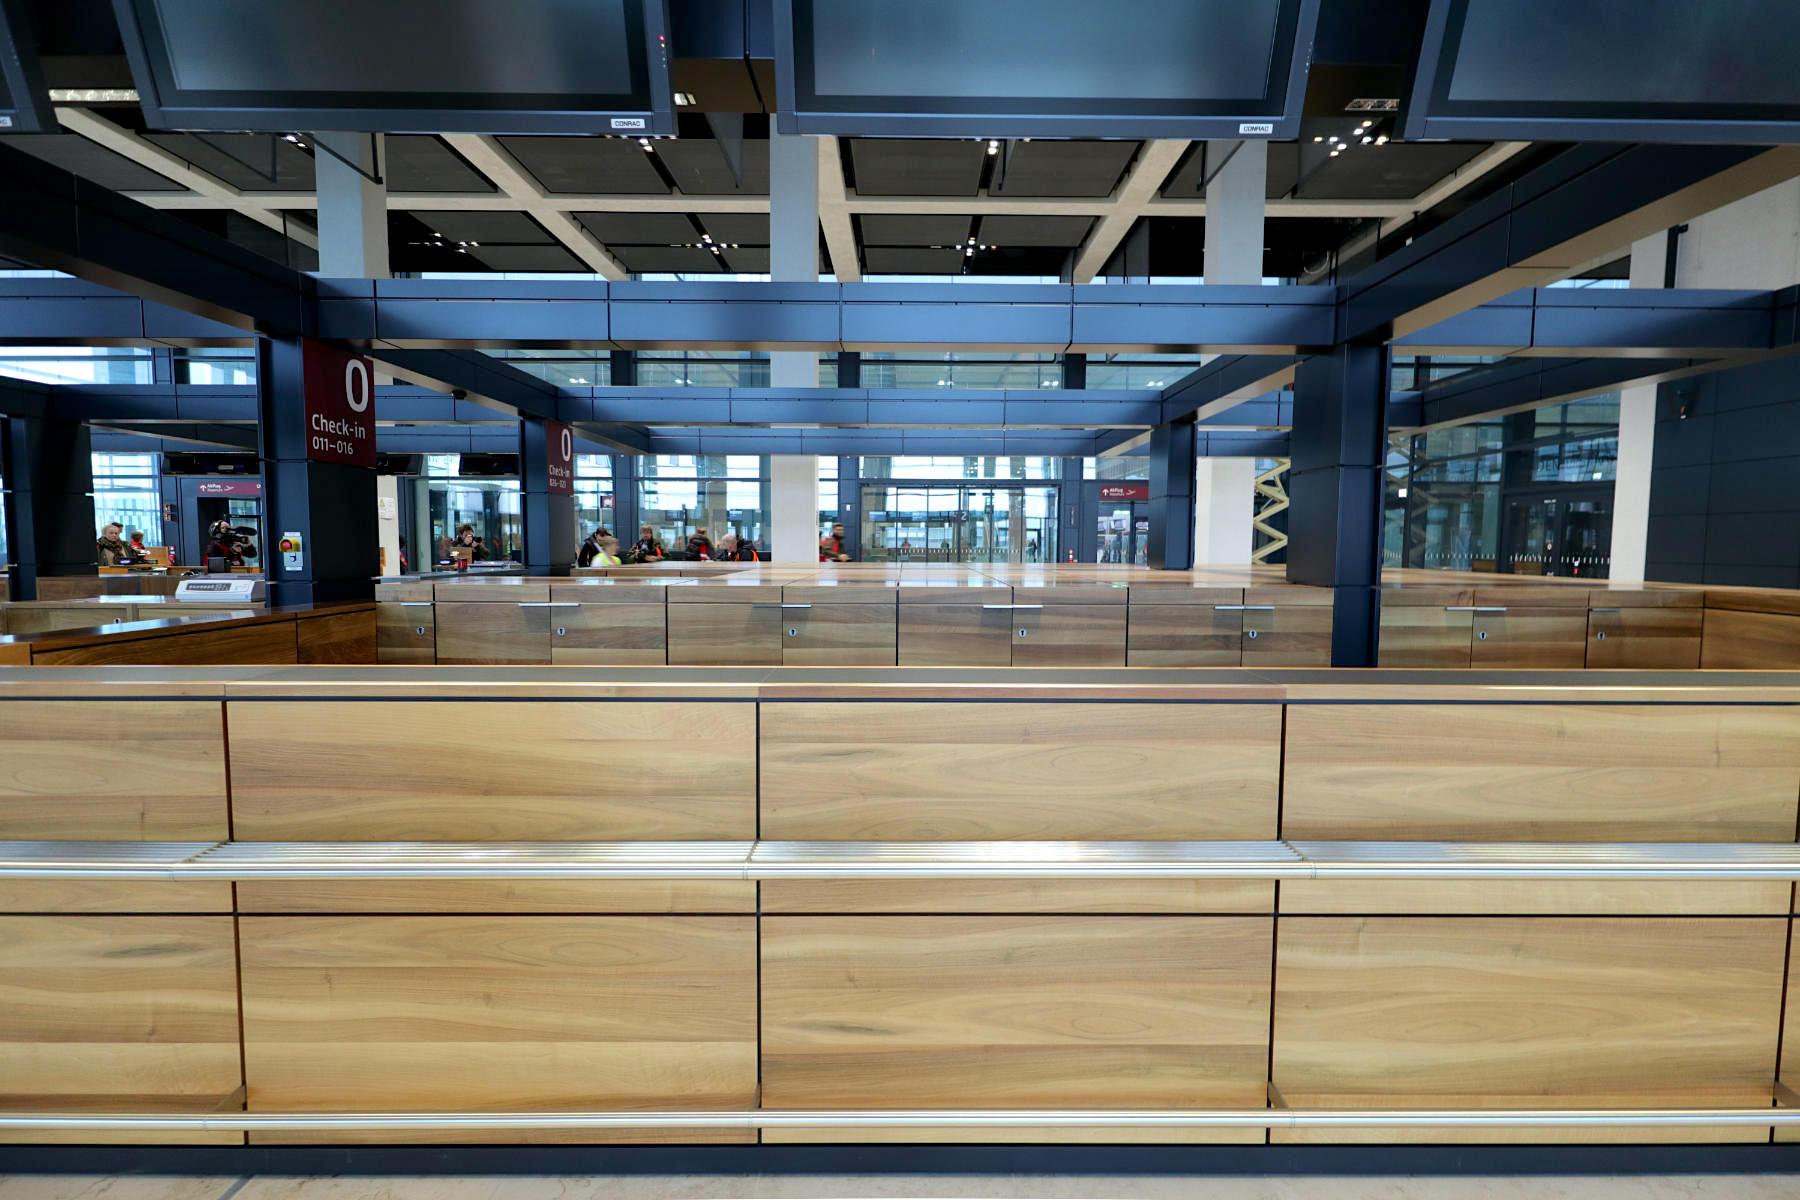 """Flughafen Berlin Brandenburg BER. Die """"Ebene E1"""": mit Abflugebene, Check-in, Sicherheitskontrollen, Retail, Gastronomie und Warteräumen."""